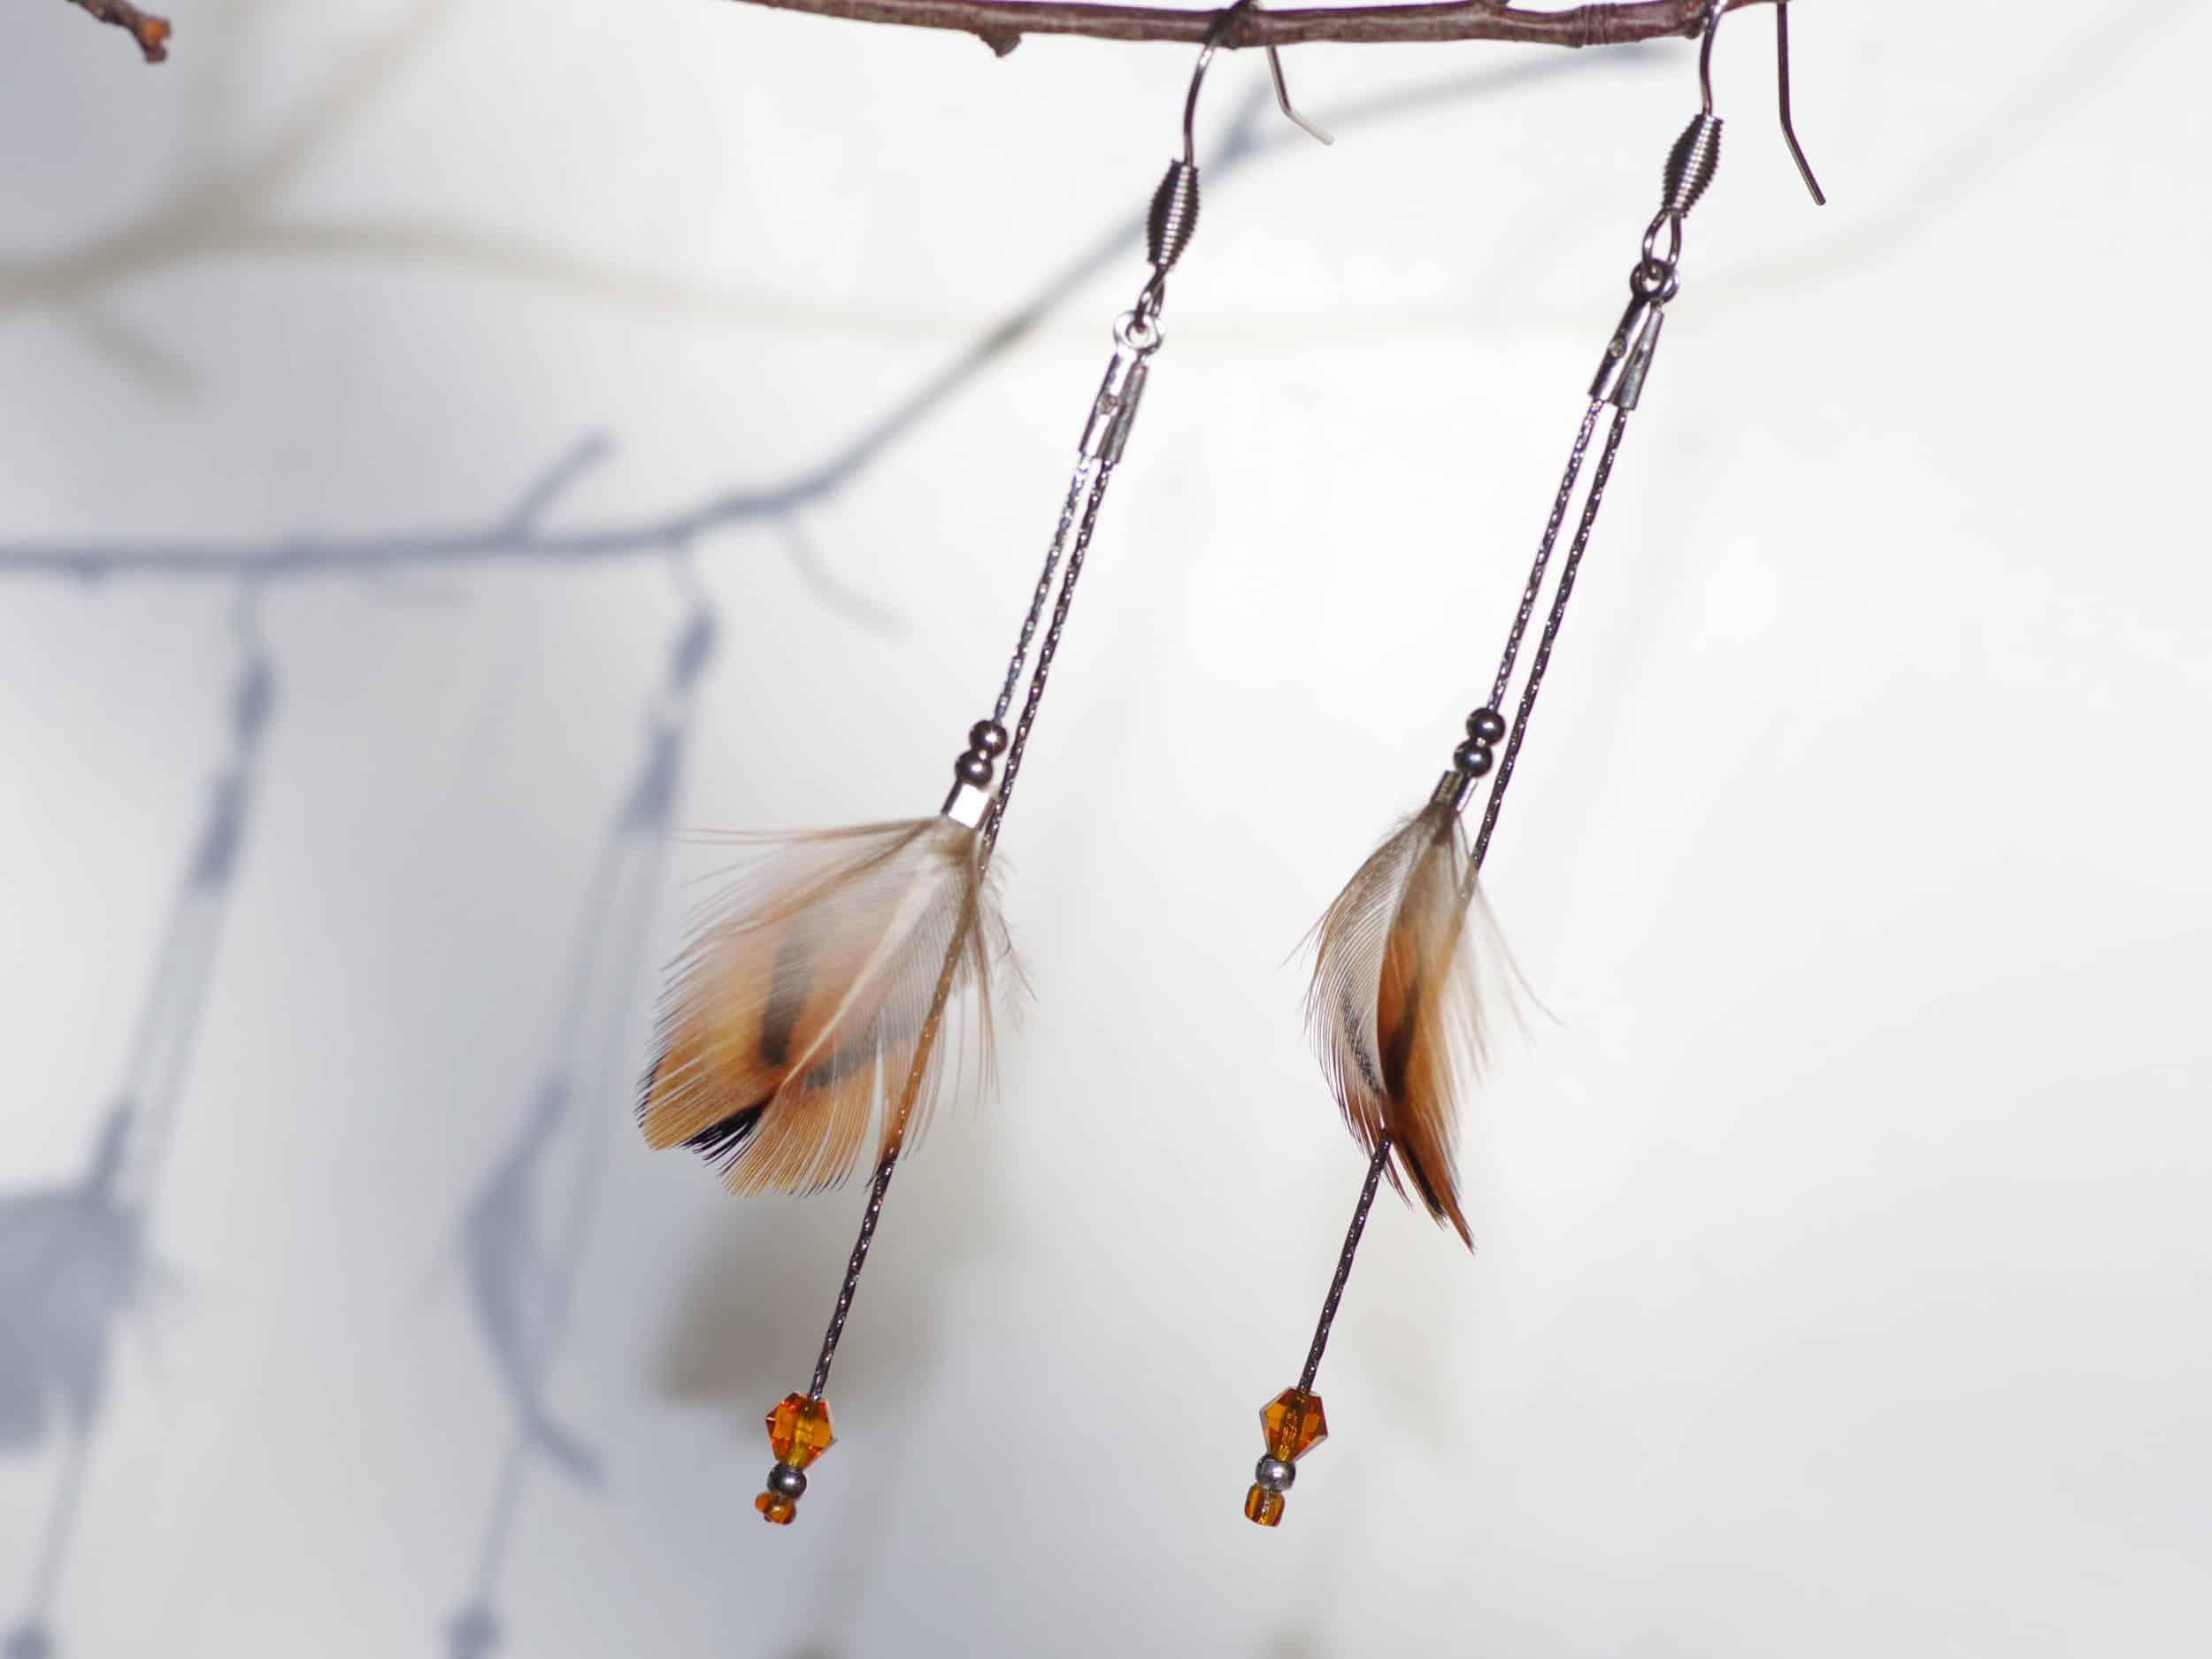 boucles d'oreilles à petites plumes marron sur de fines chaînes argentées, chic et naturel,